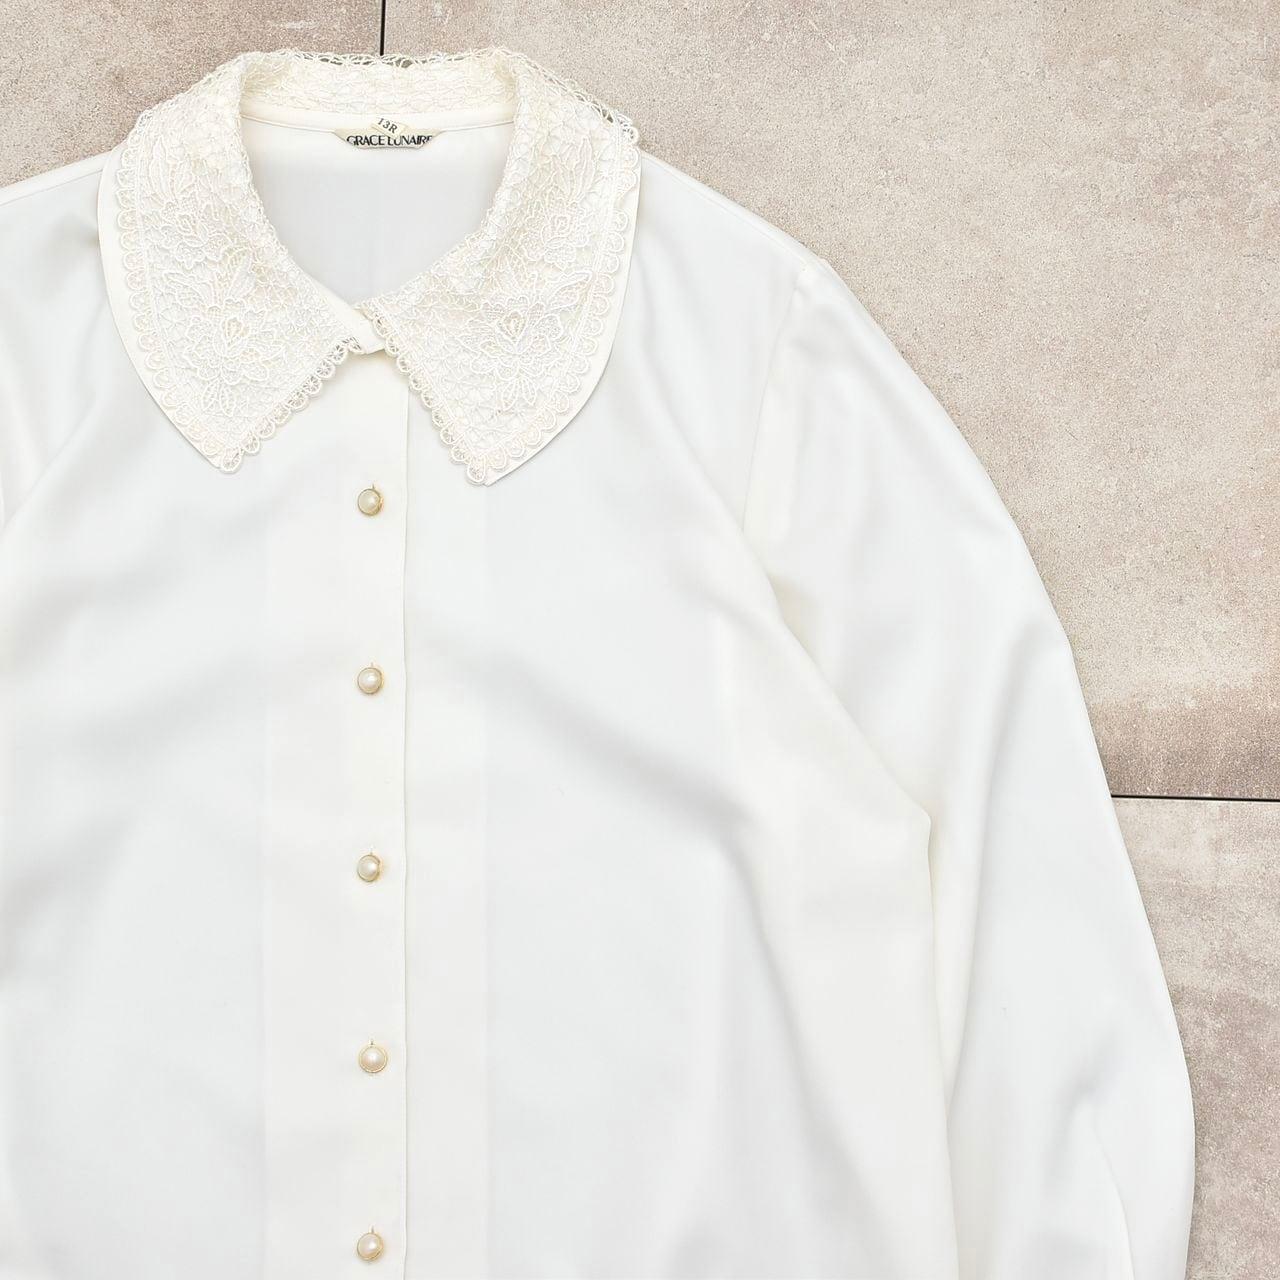 Jp vtg lace double collar design blouse